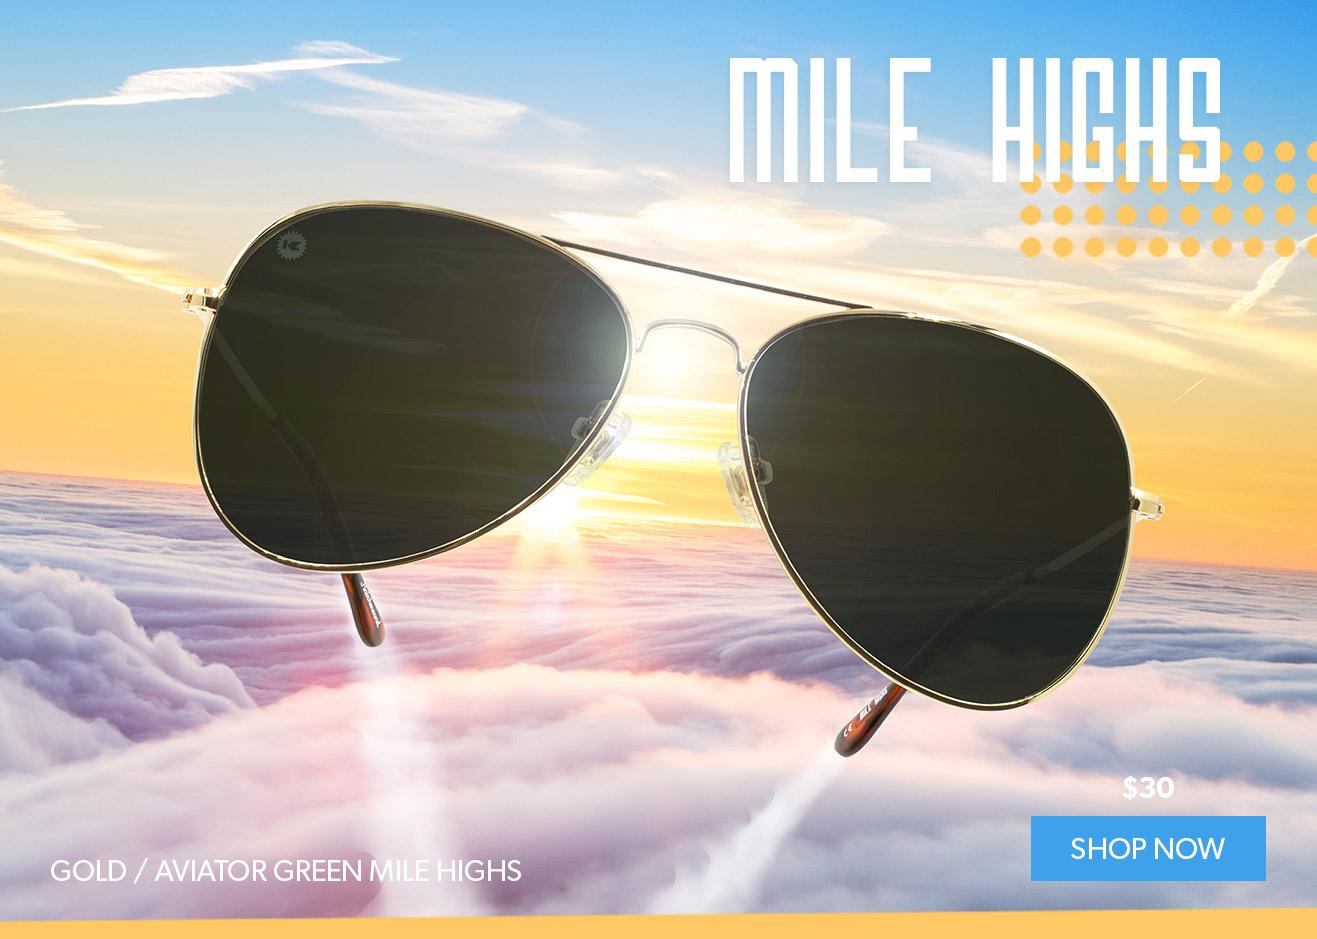 Mile Highs